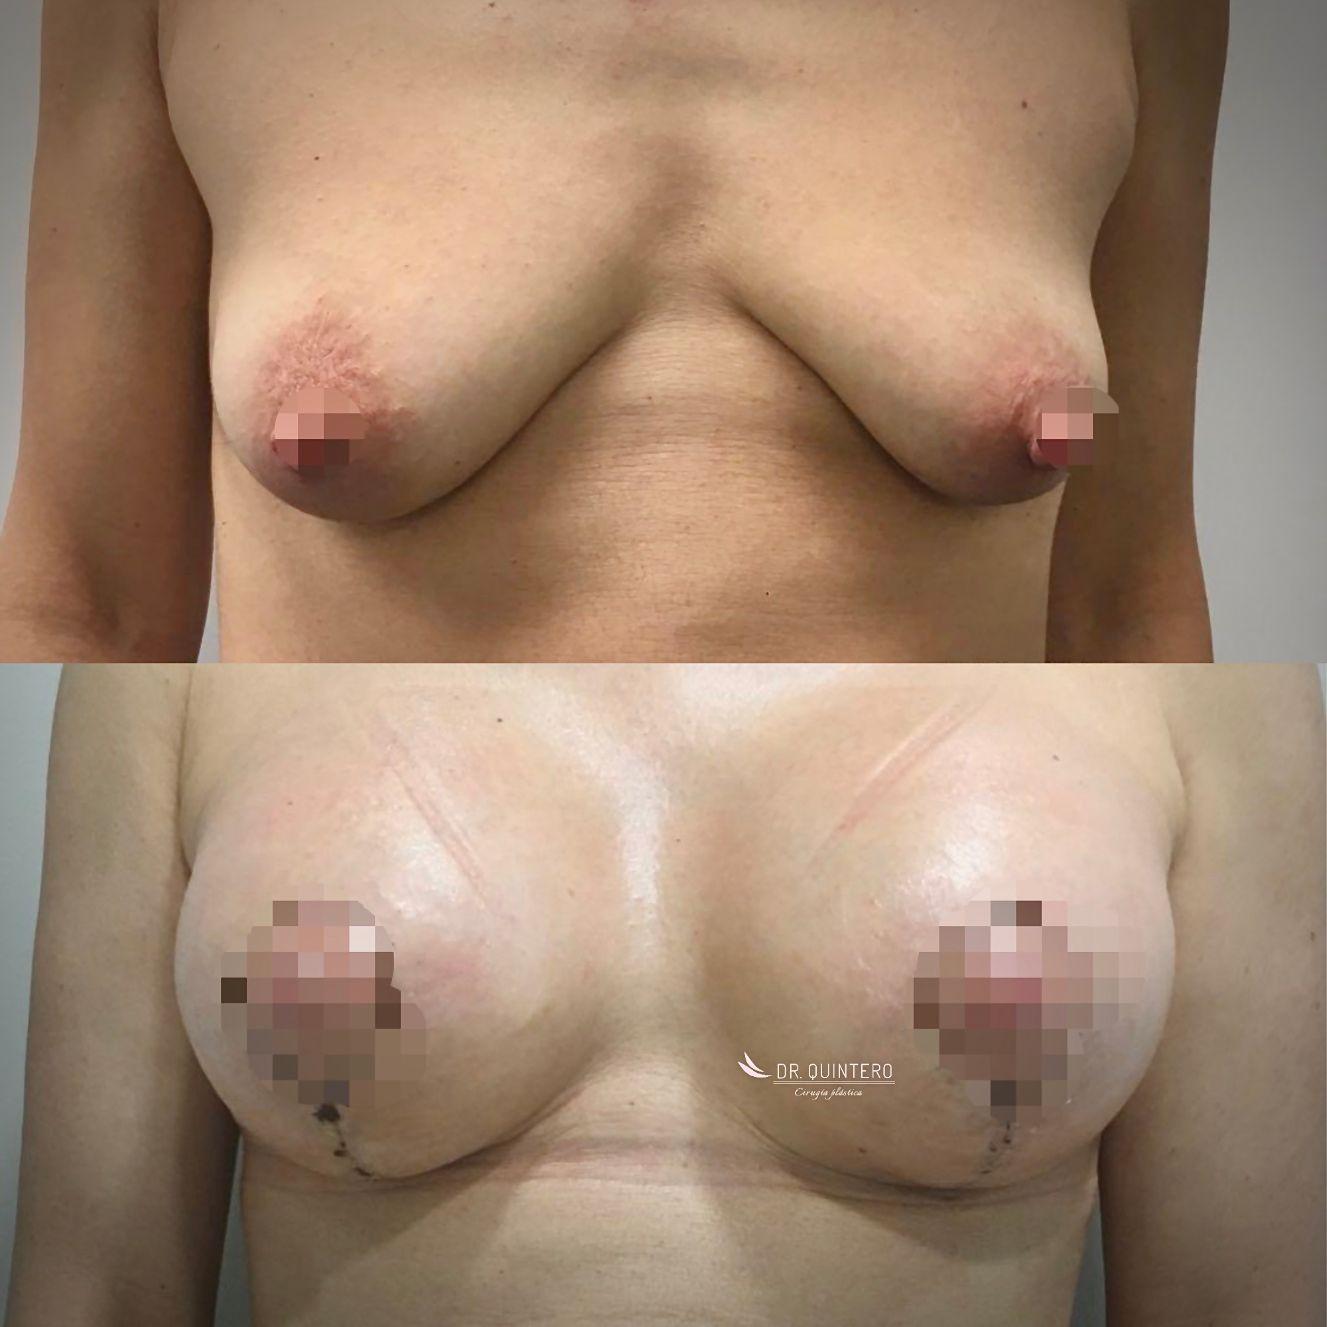 Correccion de mama tuberosa antes y despues